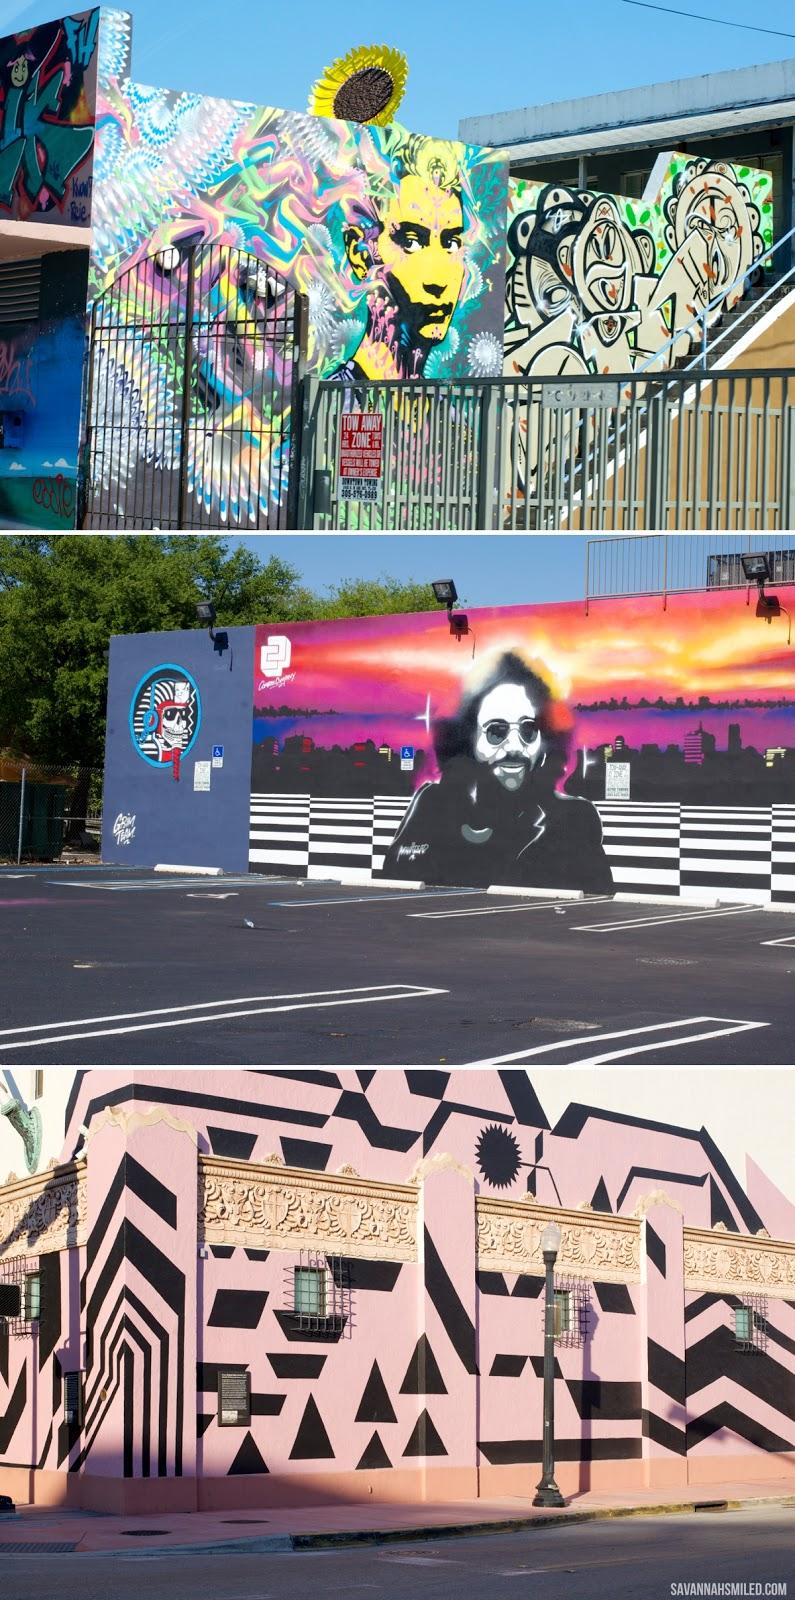 miami-street-art-district-graffiti.jpg